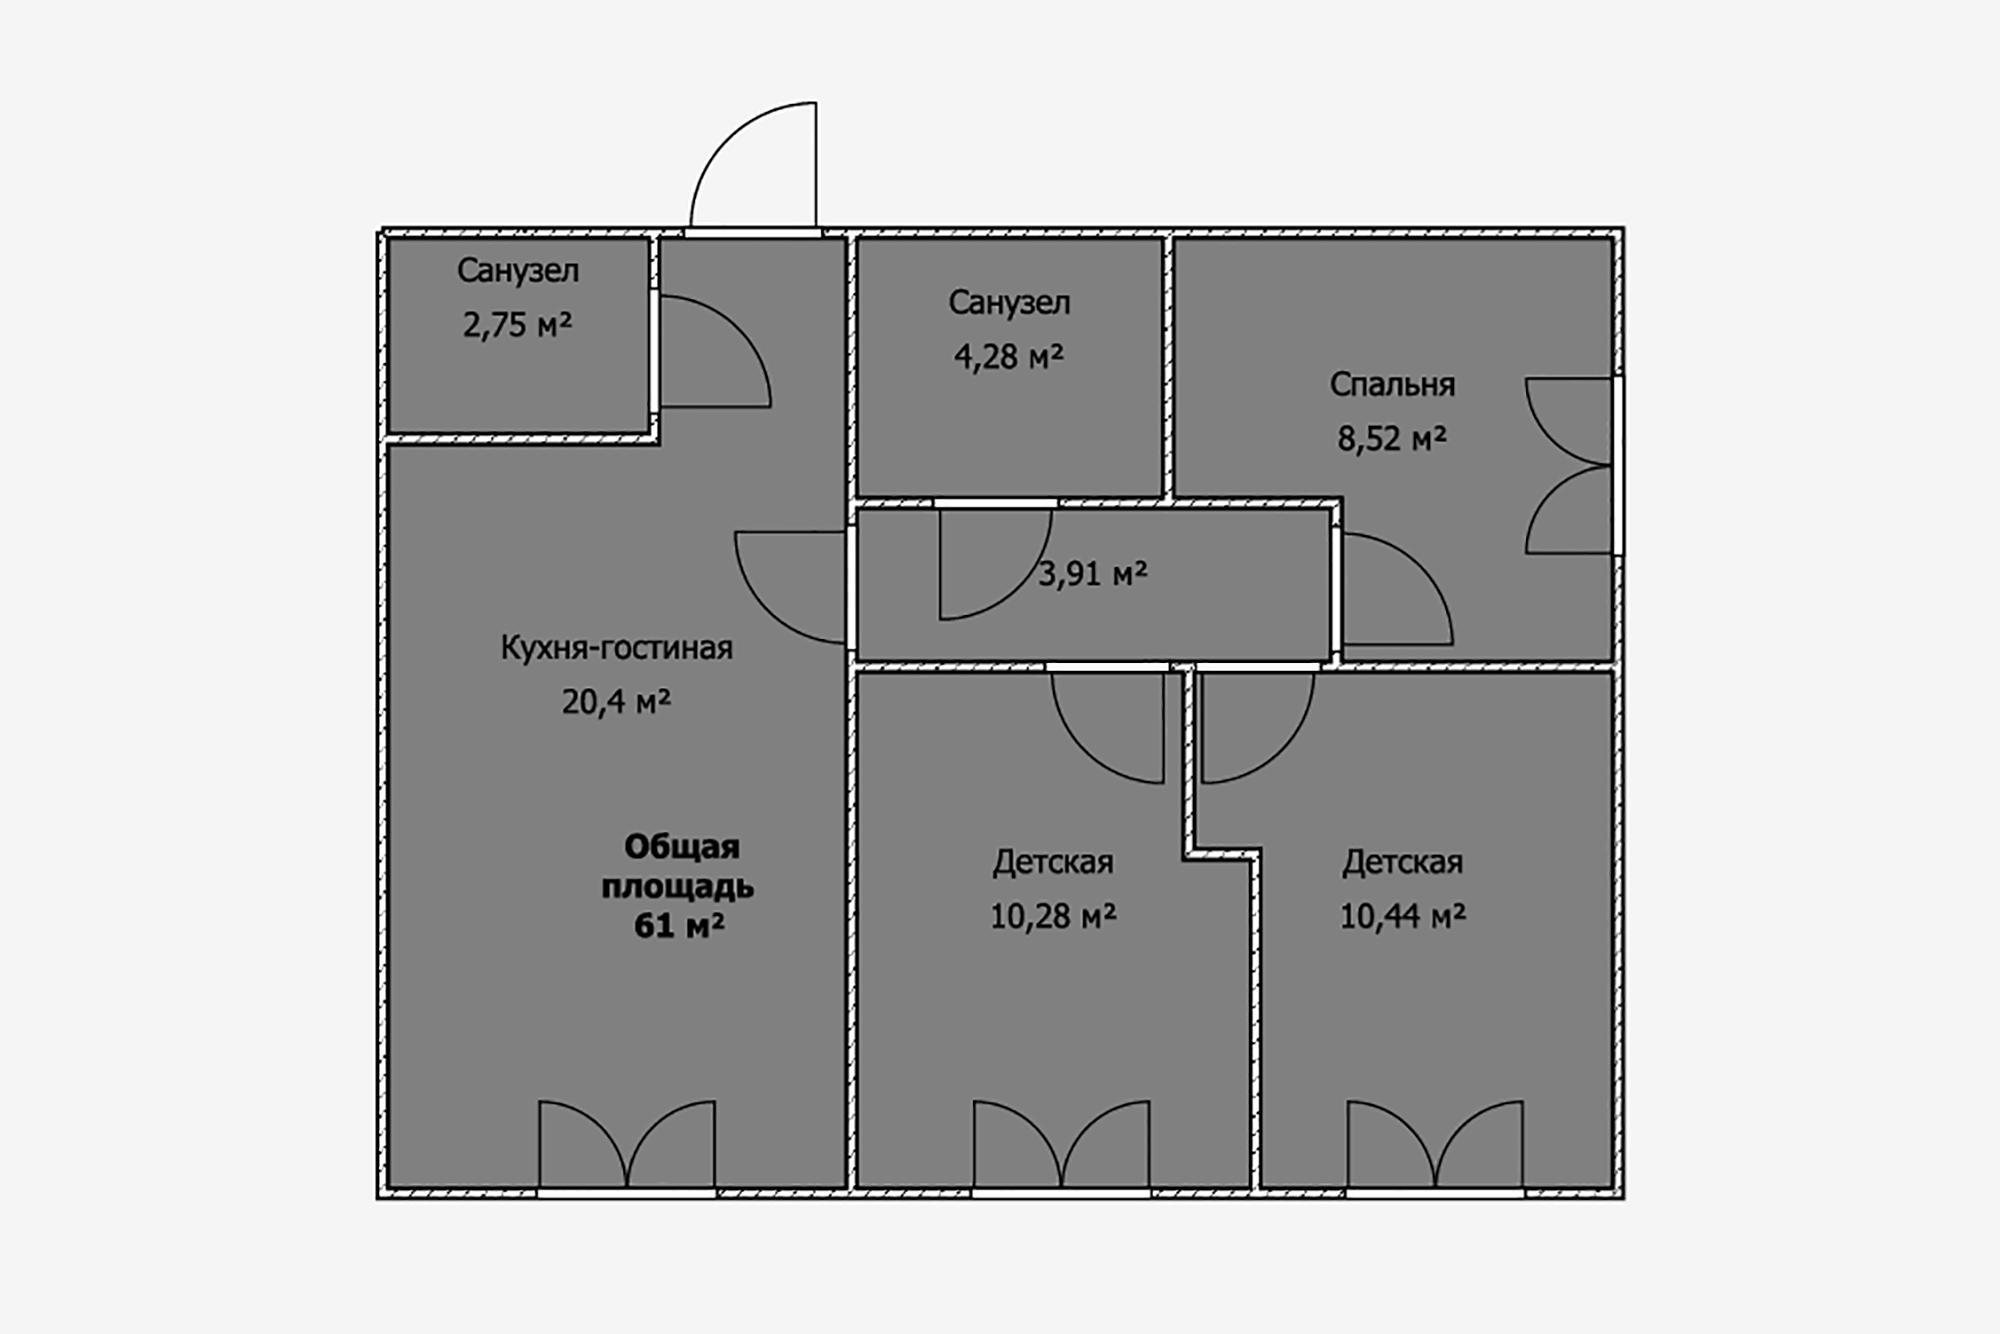 Квартира площадью 61м²изначально была двухкомнатной. Носемье сдвумя детьми было принципиально важно выделить пусть маленькие, ноотдельные спальни. Зато кухня-гостиная занимает треть площади, чтобы вся семья могла проводить время вместе